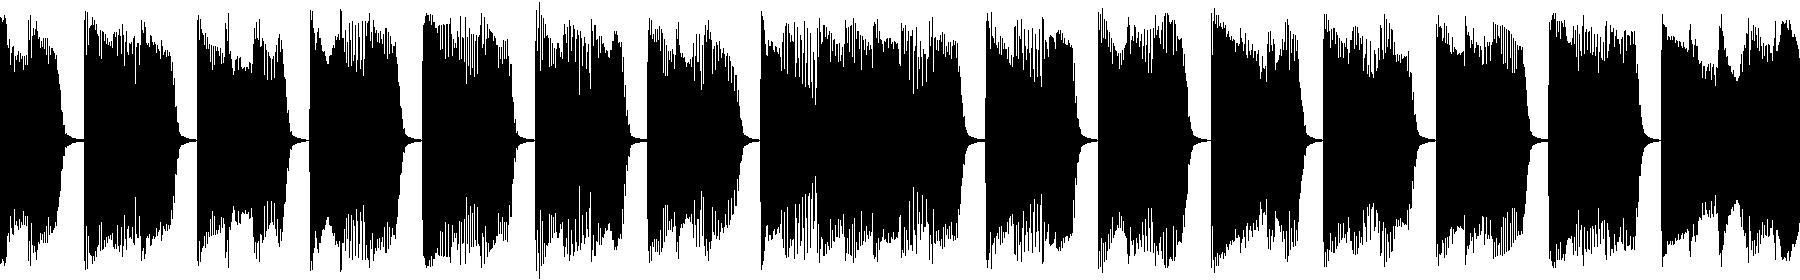 syn15 135